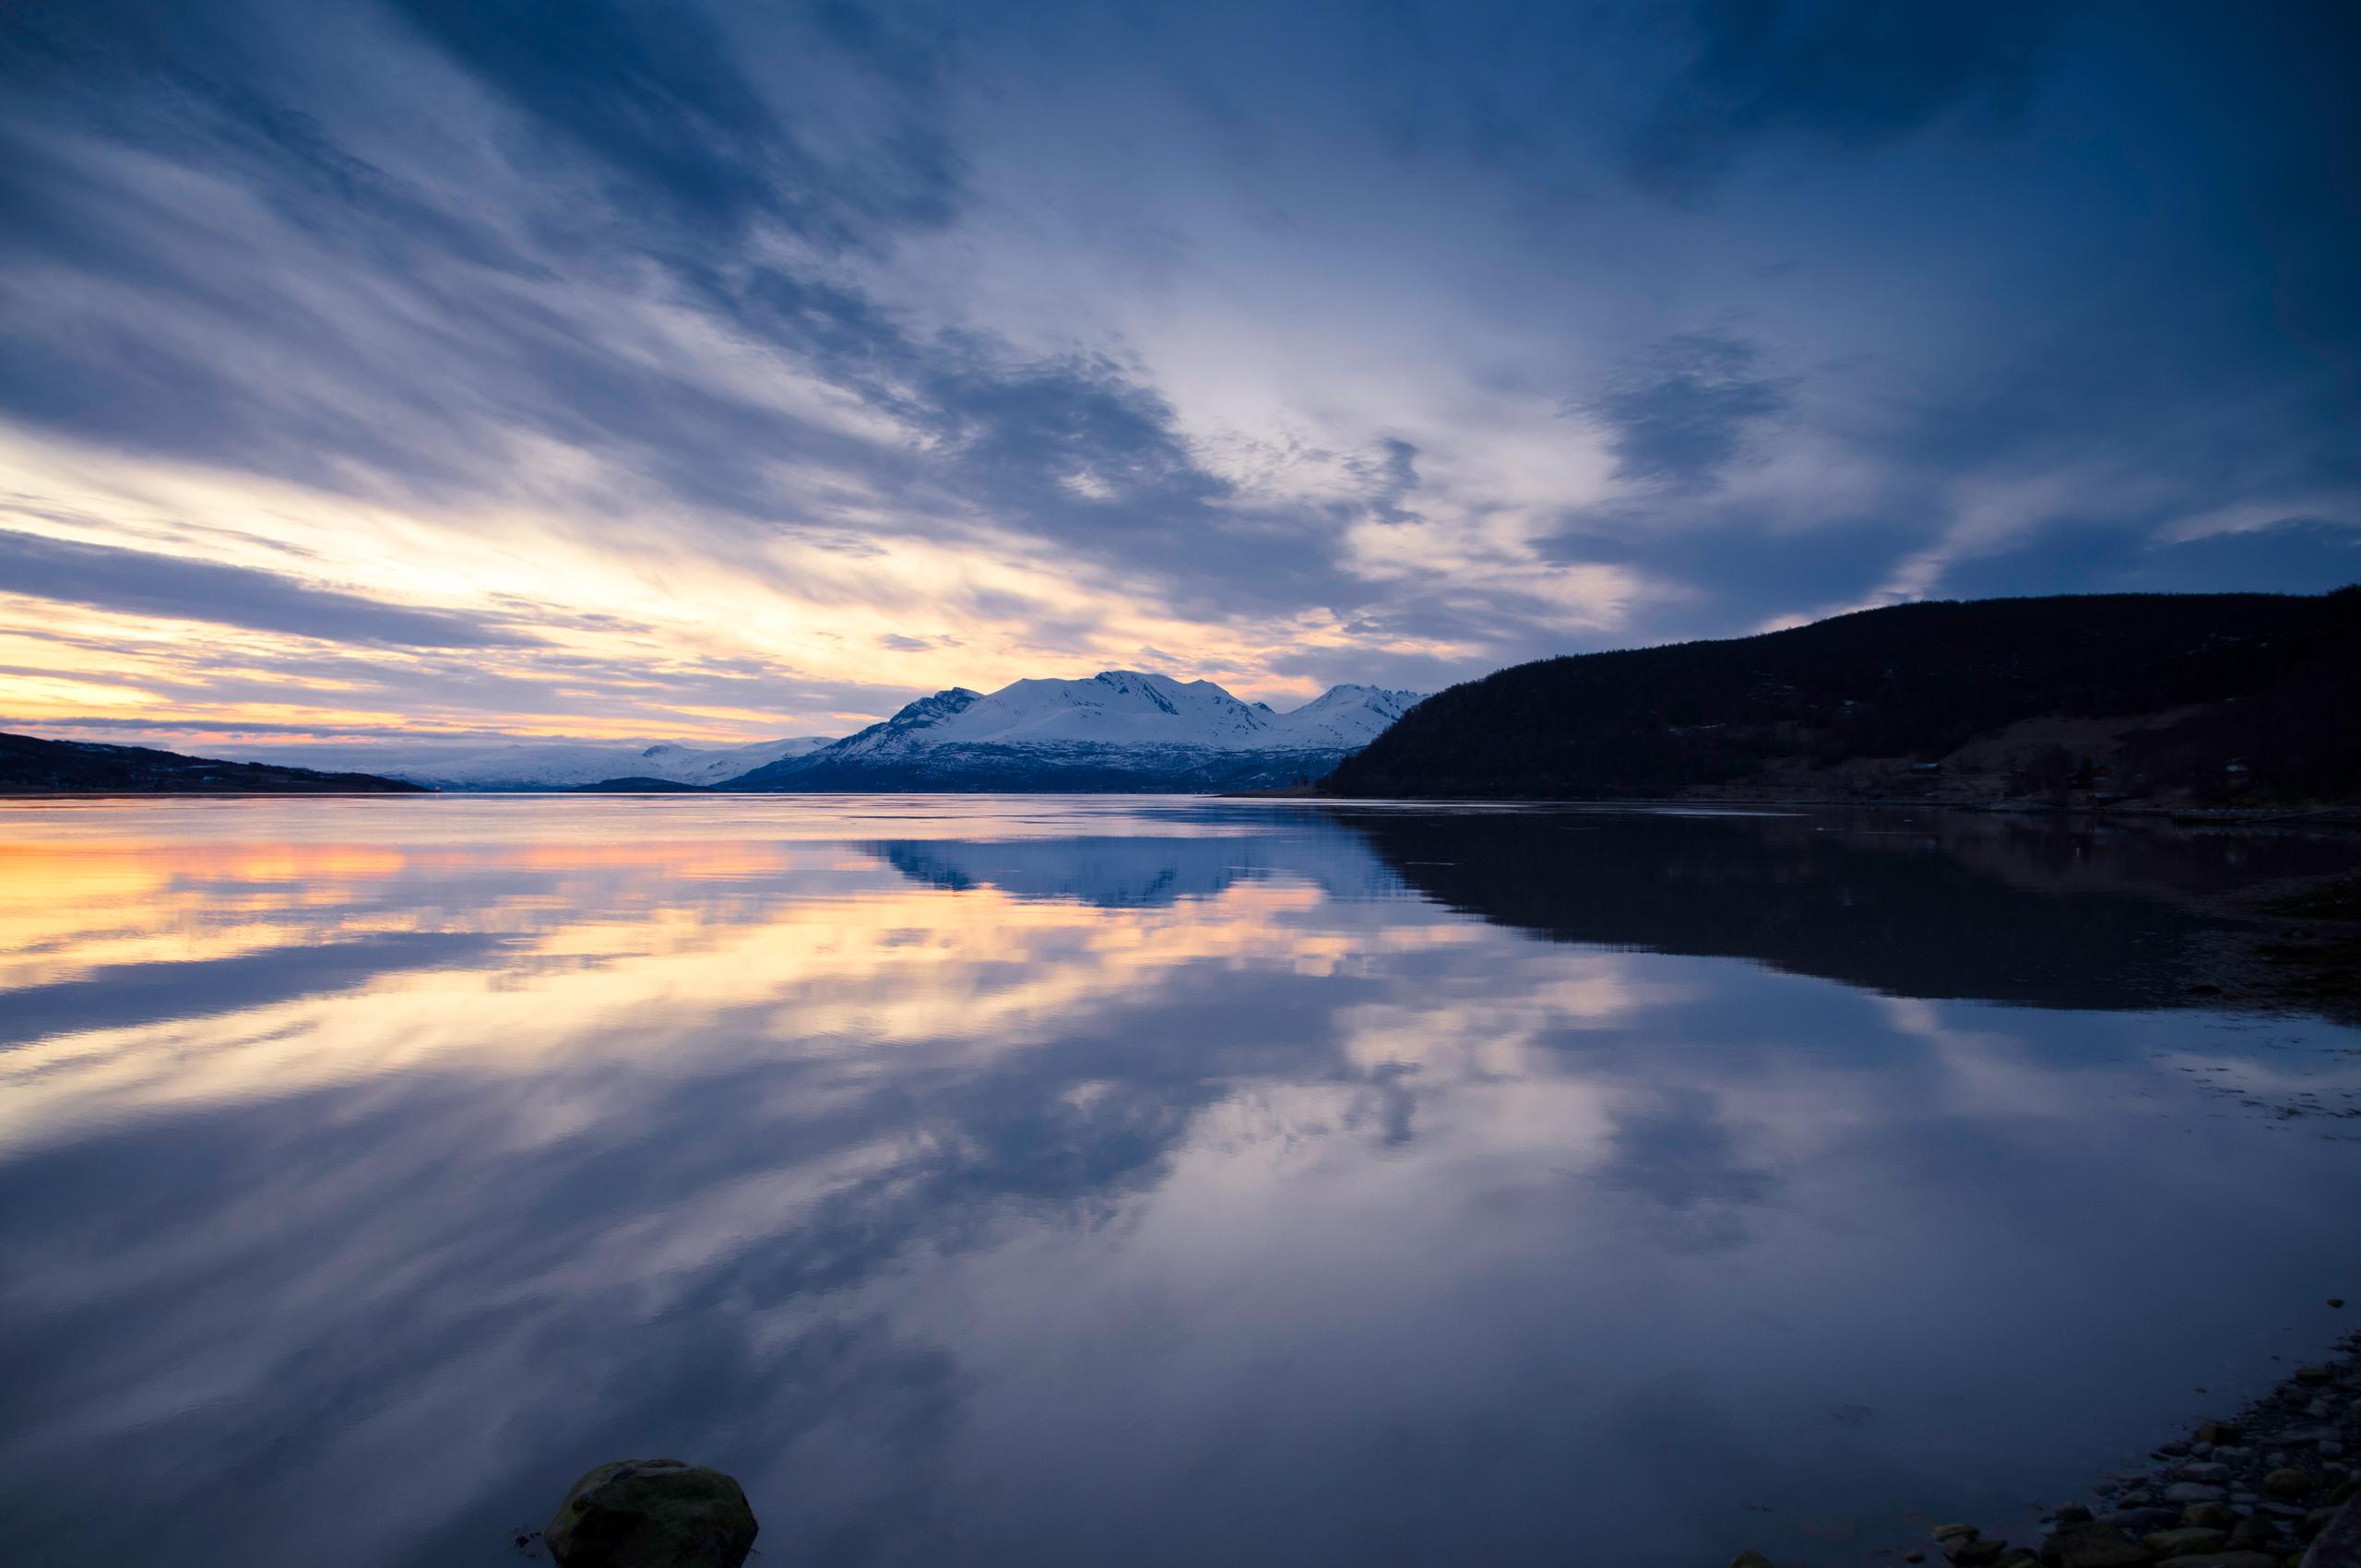 горы, облака, озеро загрузить